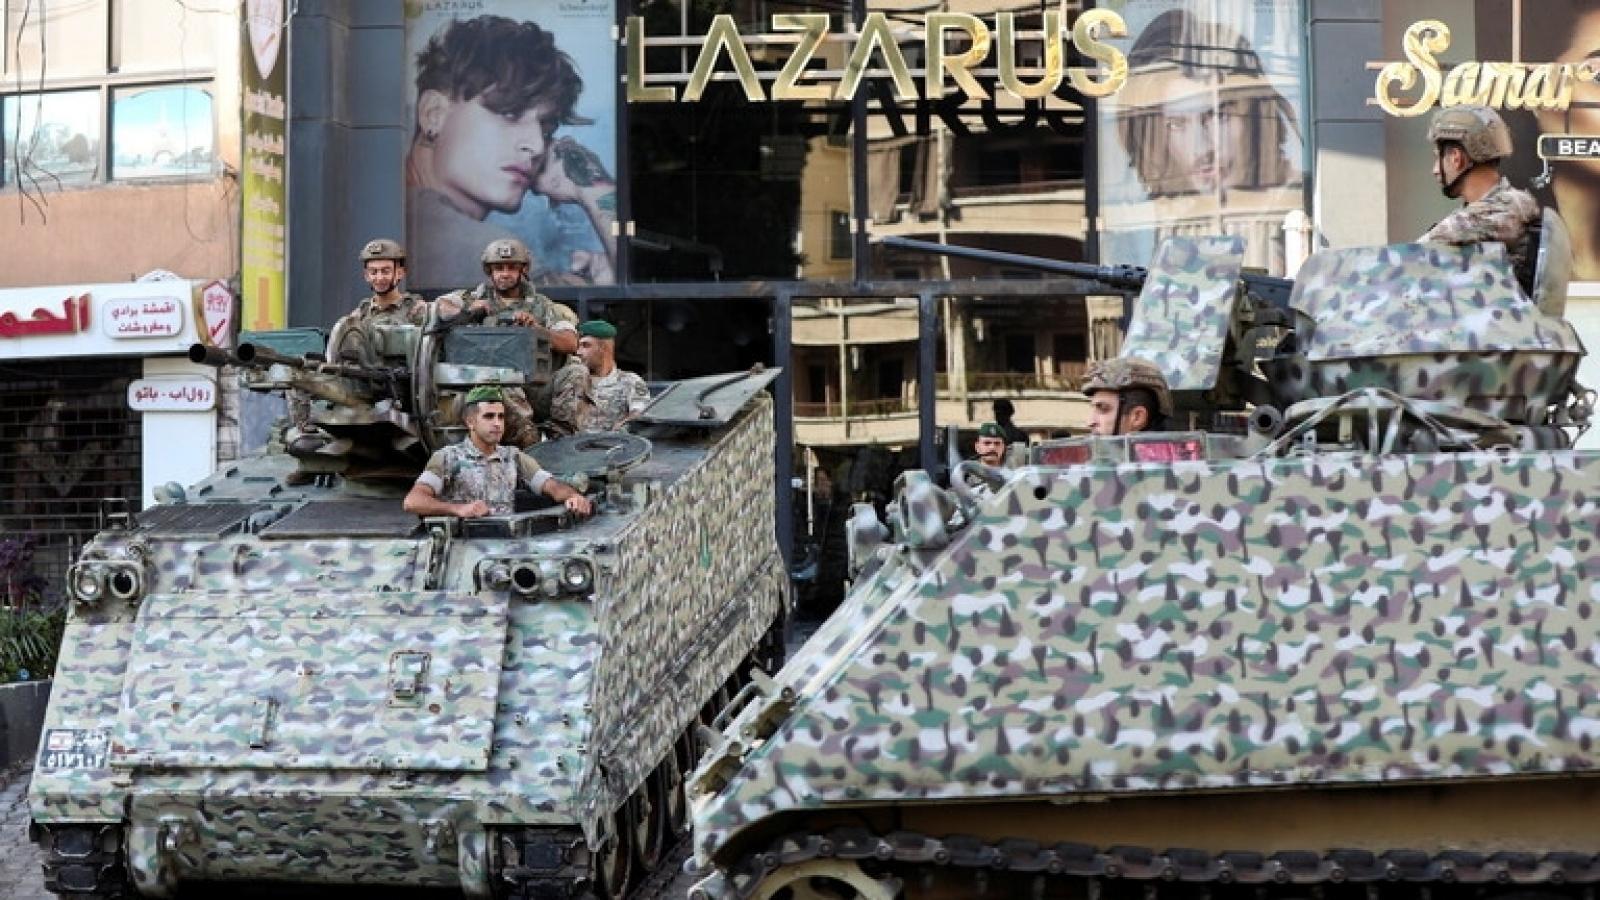 Lực lượng Hezbollah đe dọa đáp trả sau vụ đụng độ bạo lực ở Thủ đô Beirut